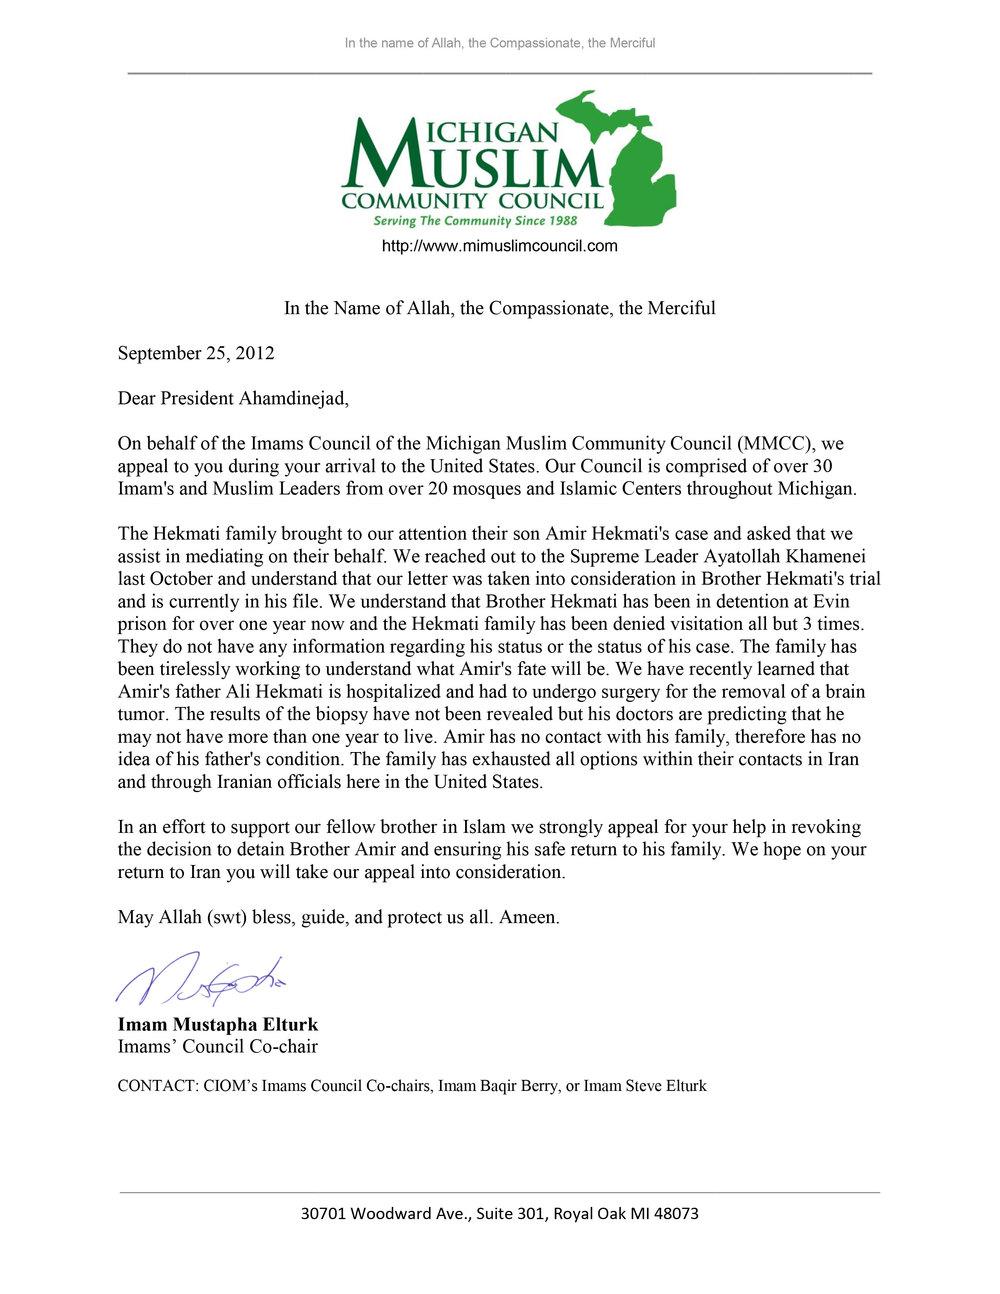 2012-09-25-Letter-to-President-Ahmadinejad-Re-Amir-Hikmati.jpg